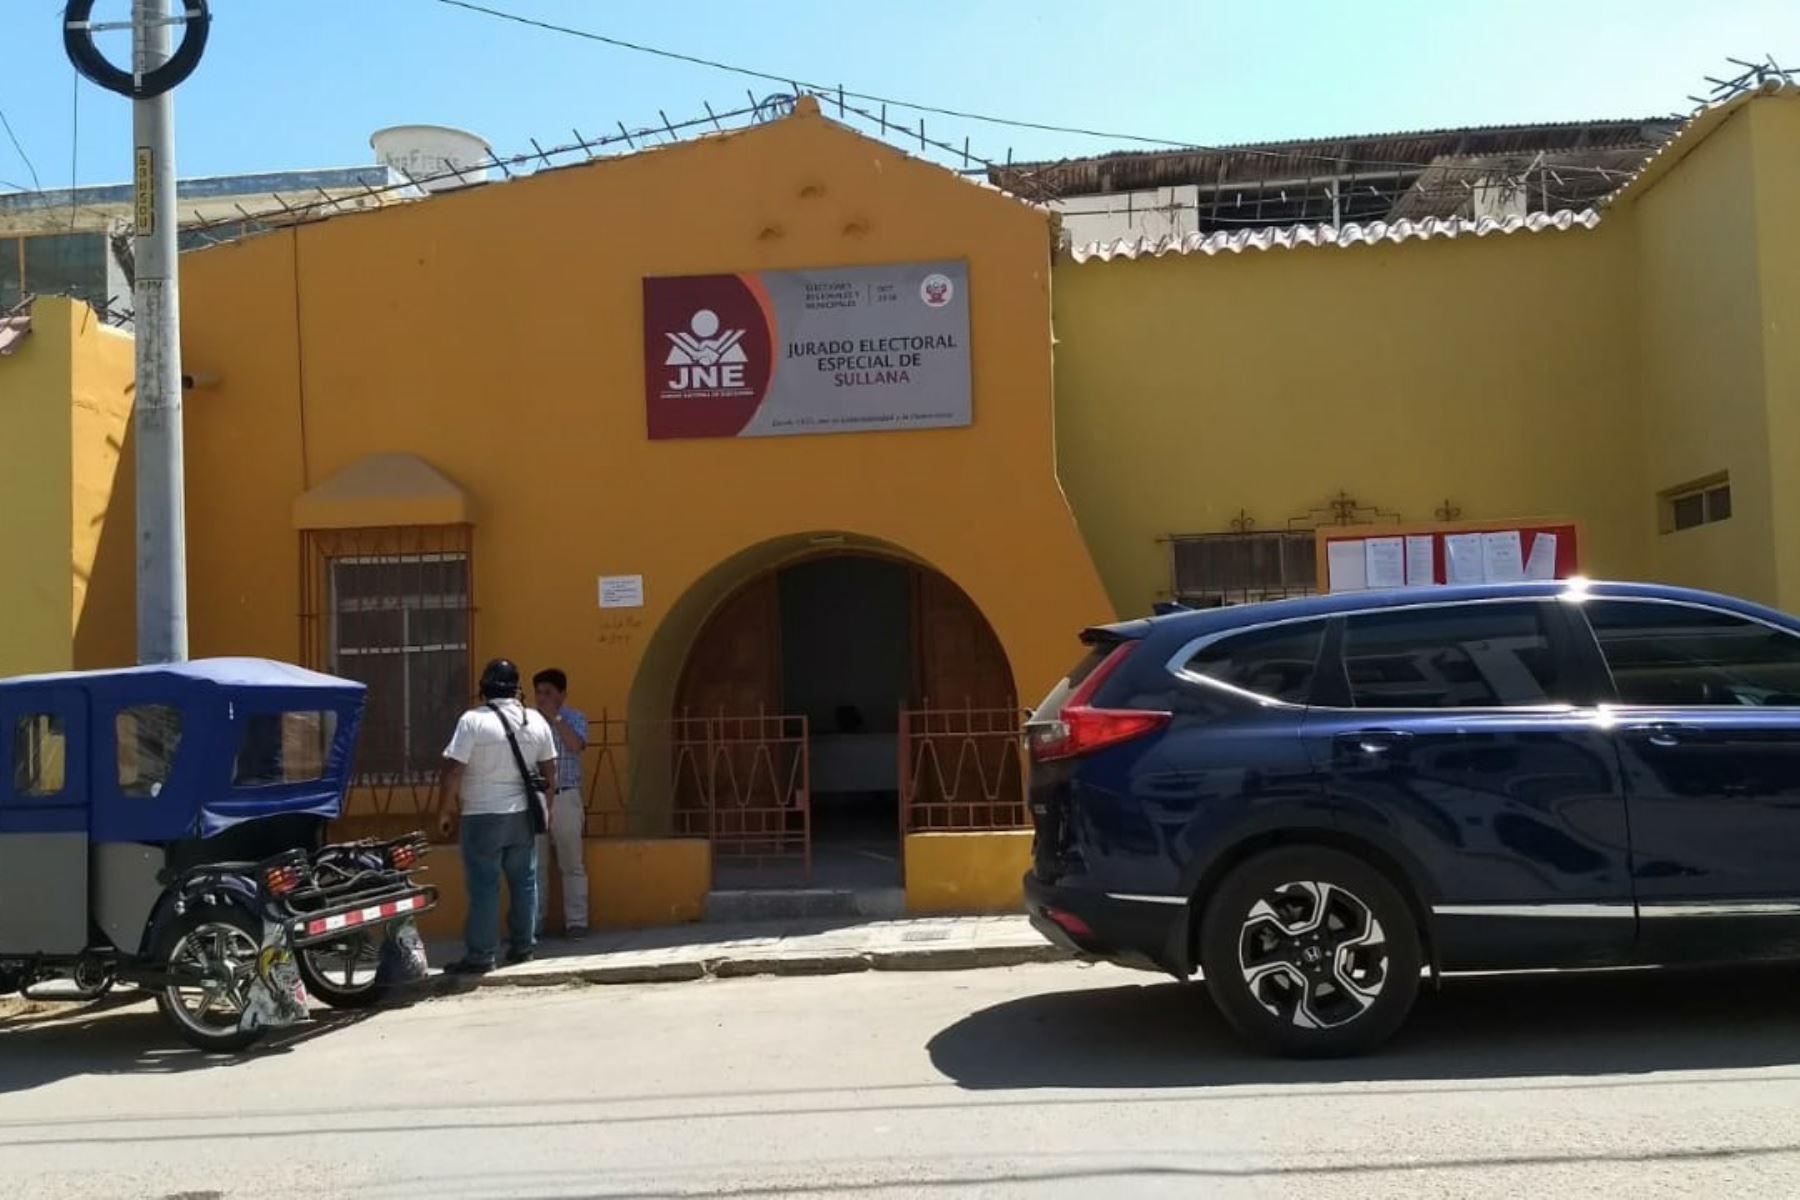 JEE entrega hoy credenciales a alcaldes electos de Sullana y Ayabaca. ANDINA